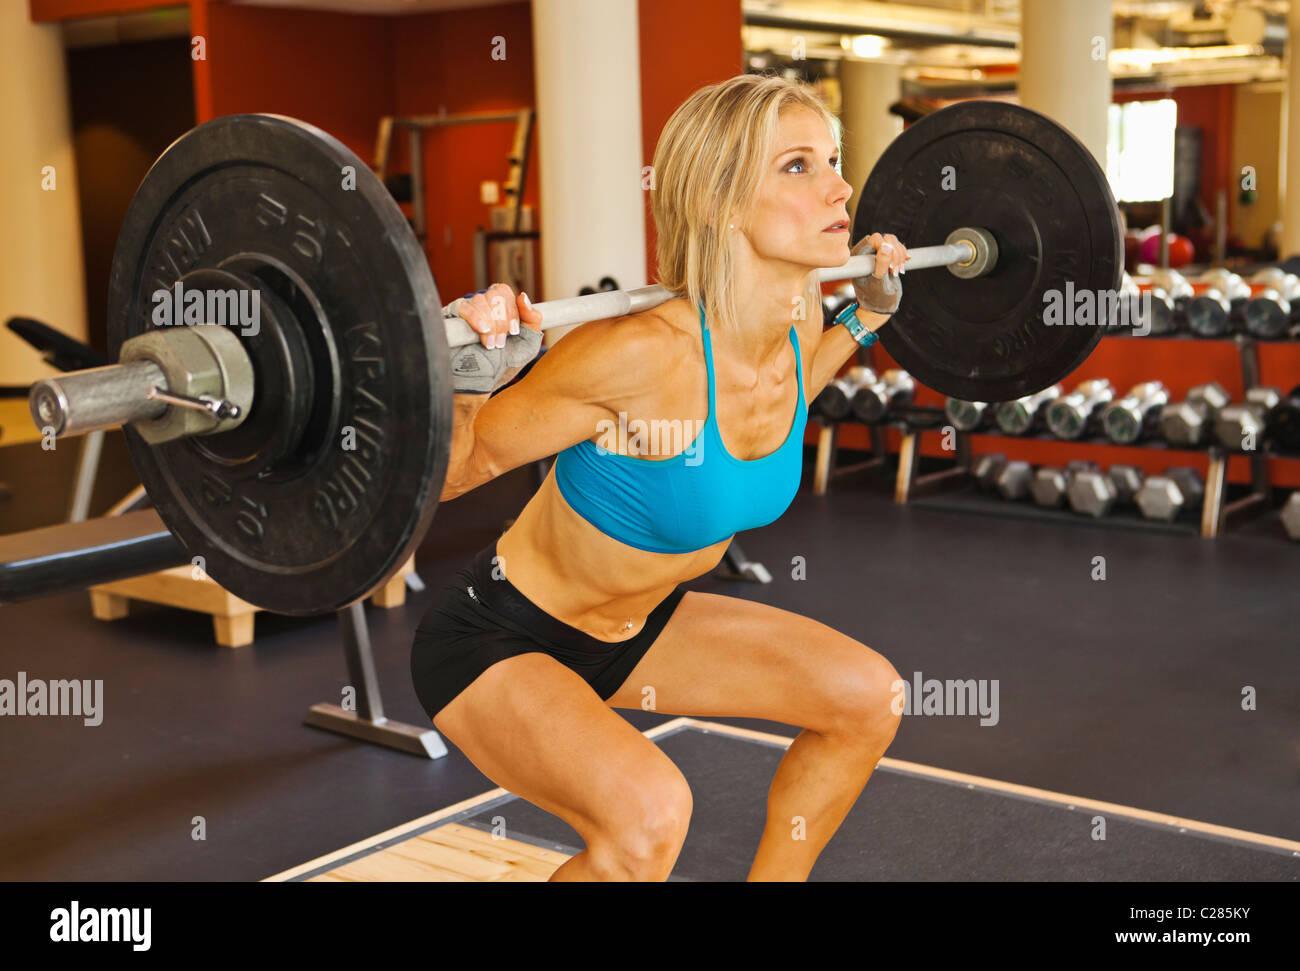 Una mujer físicamente apto hacer sentadillas en un club de la salud sala de pesas. Foto de stock